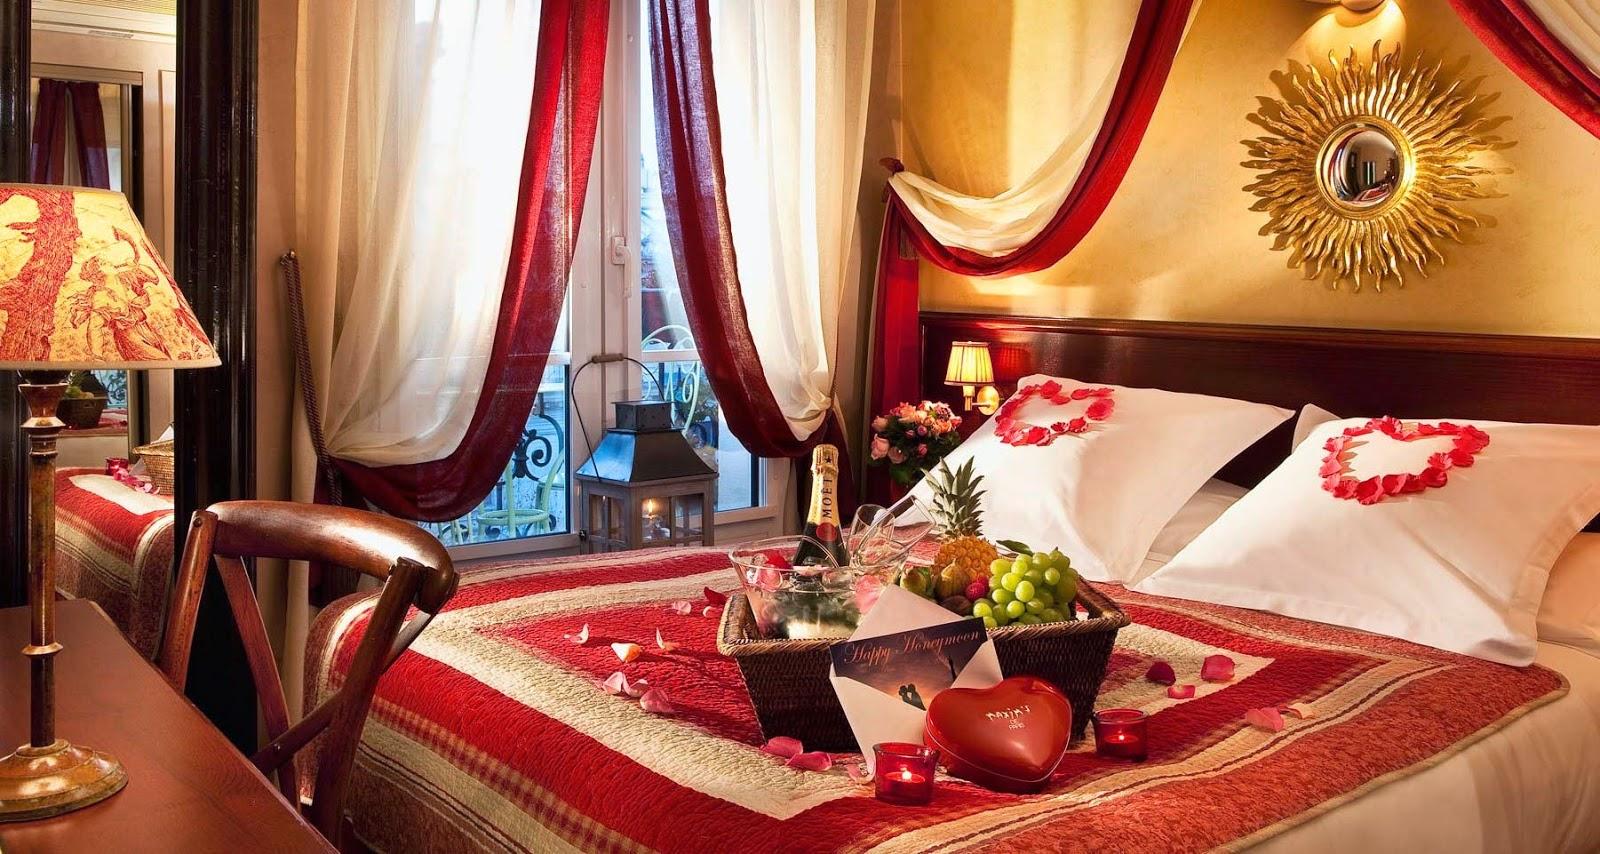 Foundation Dezin & Decor...: Romantic Bedroom Settings - For ...